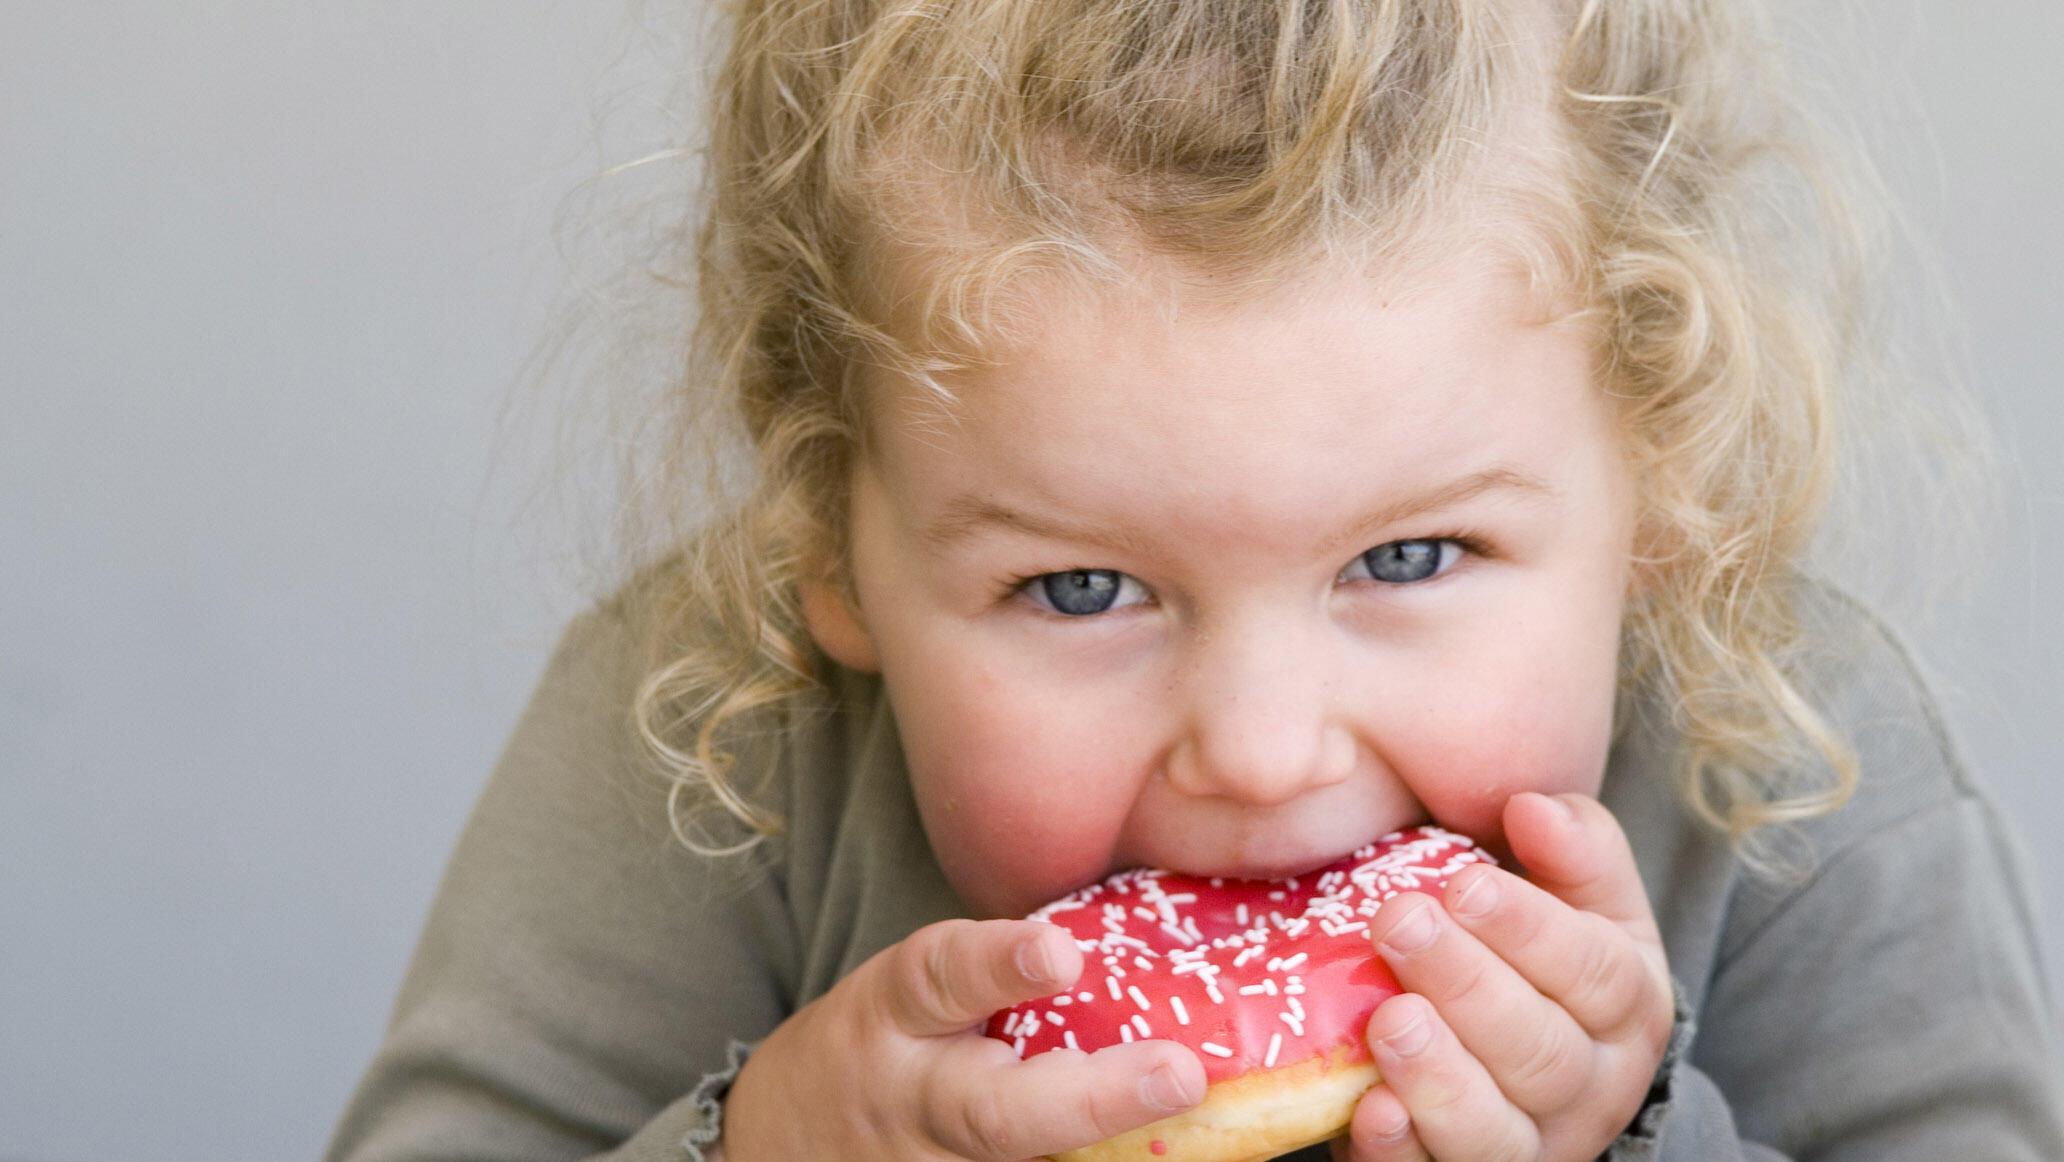 Çocukları şekerden korumak için neler yapmalıyız?